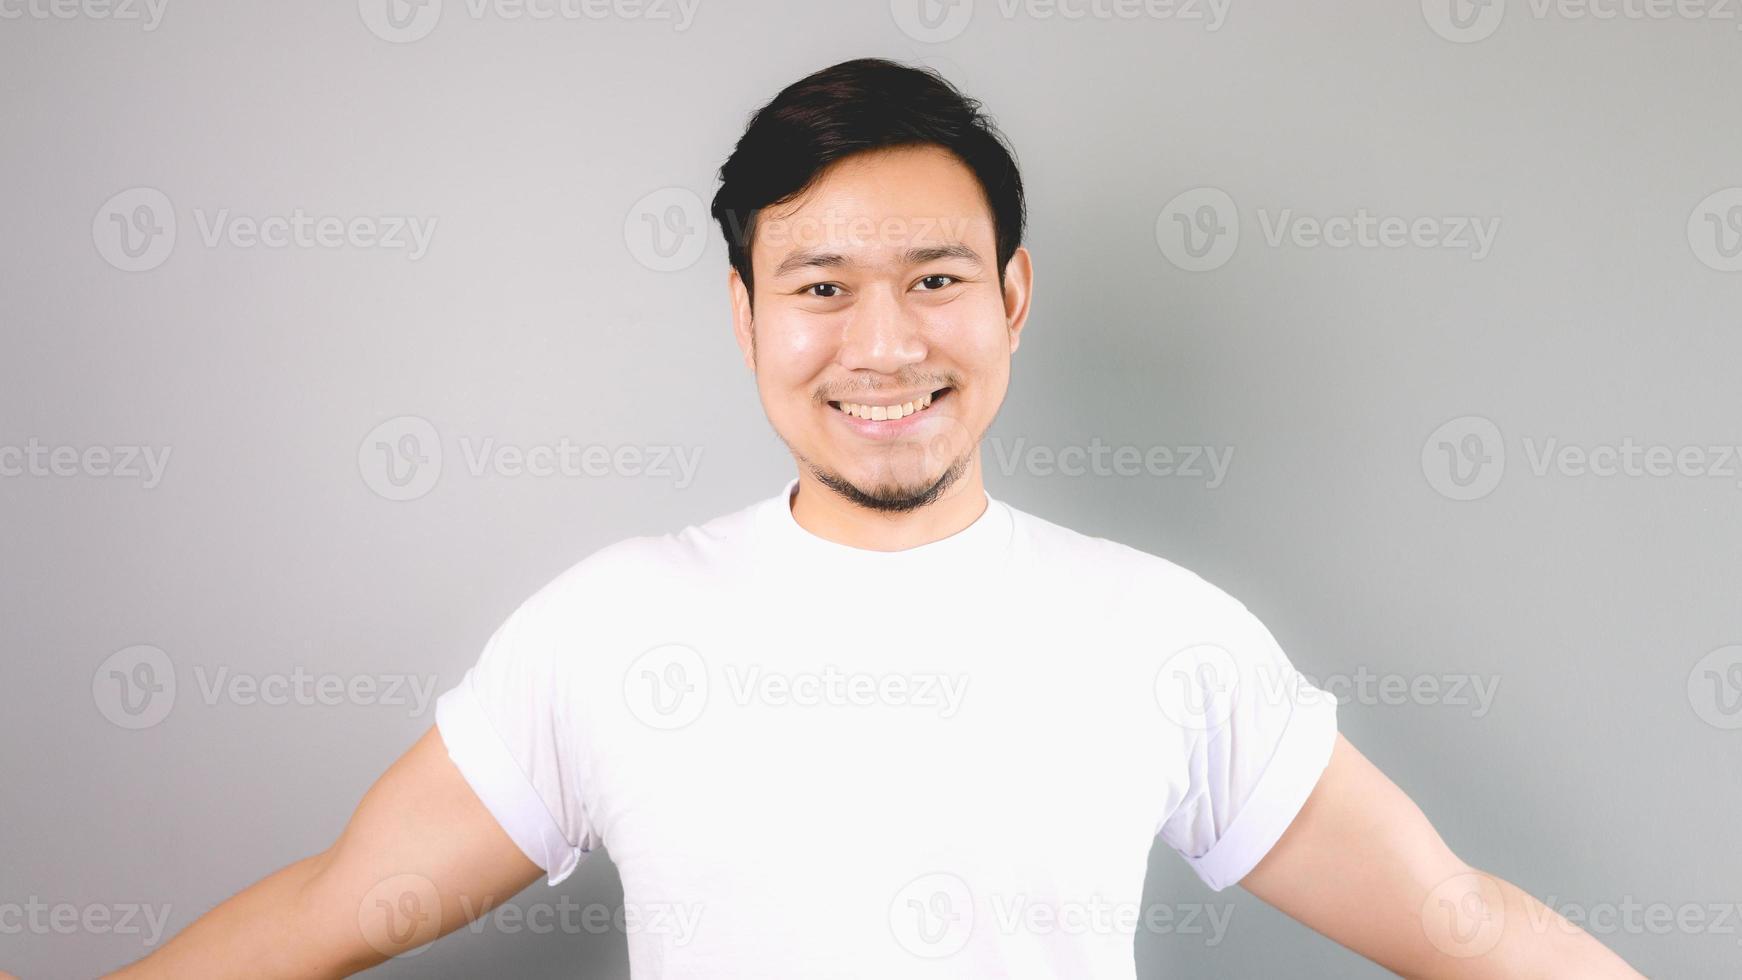 sorriso amichevole e pronto ad abbracciare. foto